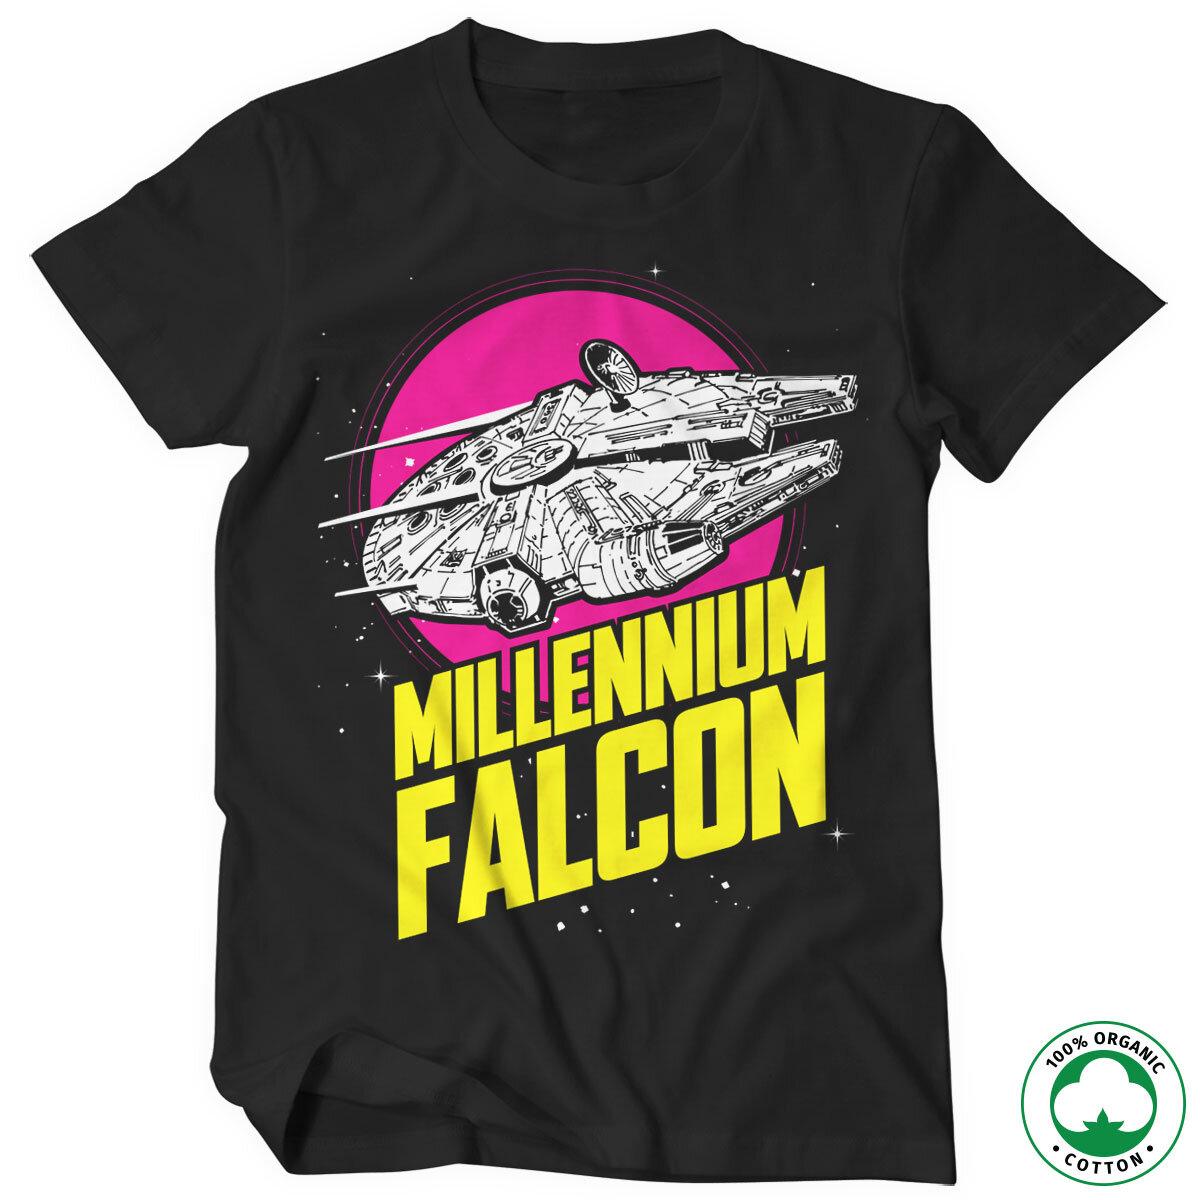 Millennium Falcon Retro Organic Tee